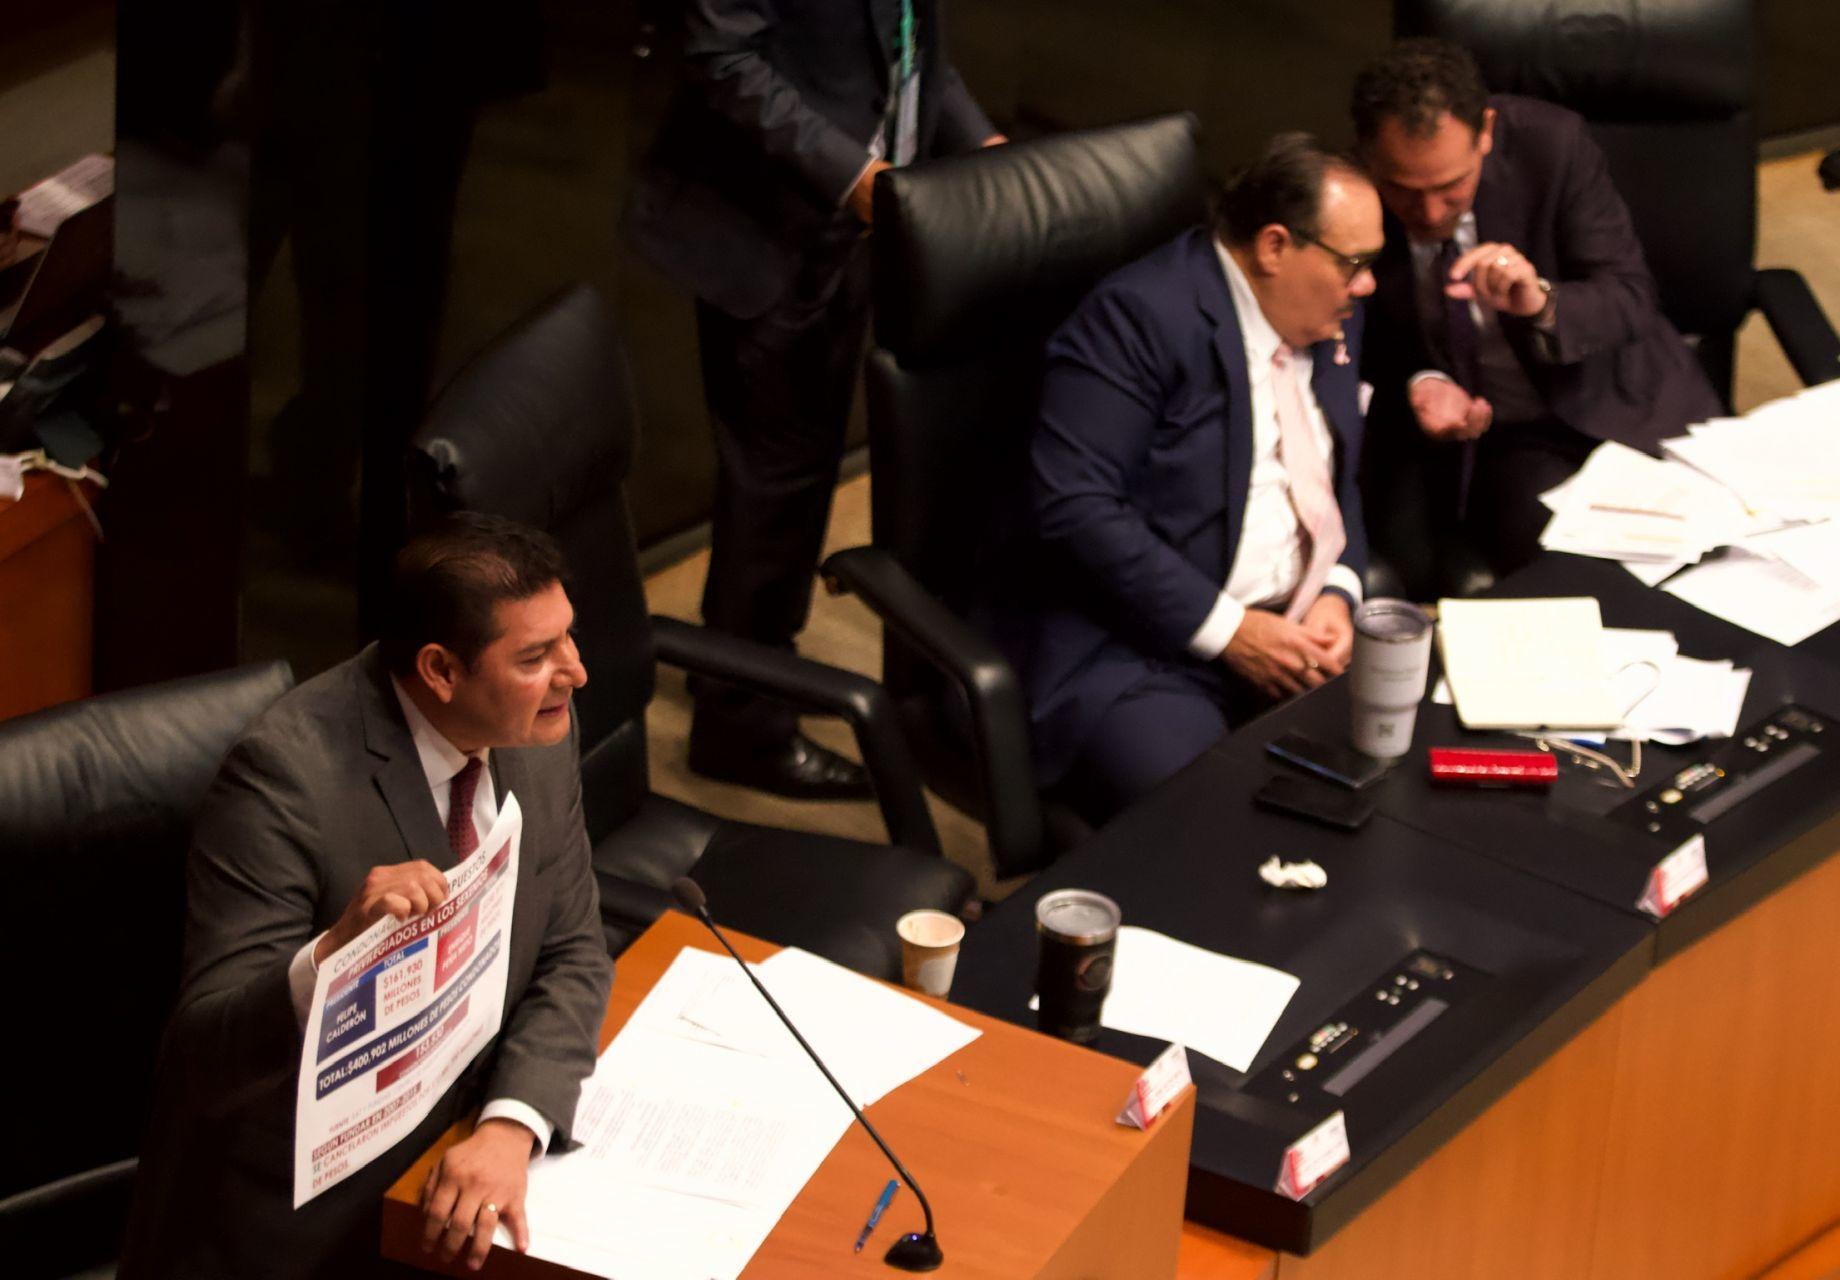 Seguridad y Salud recibirán más recursos en Paquete Económico 2022: Alejandro Armenta Mier